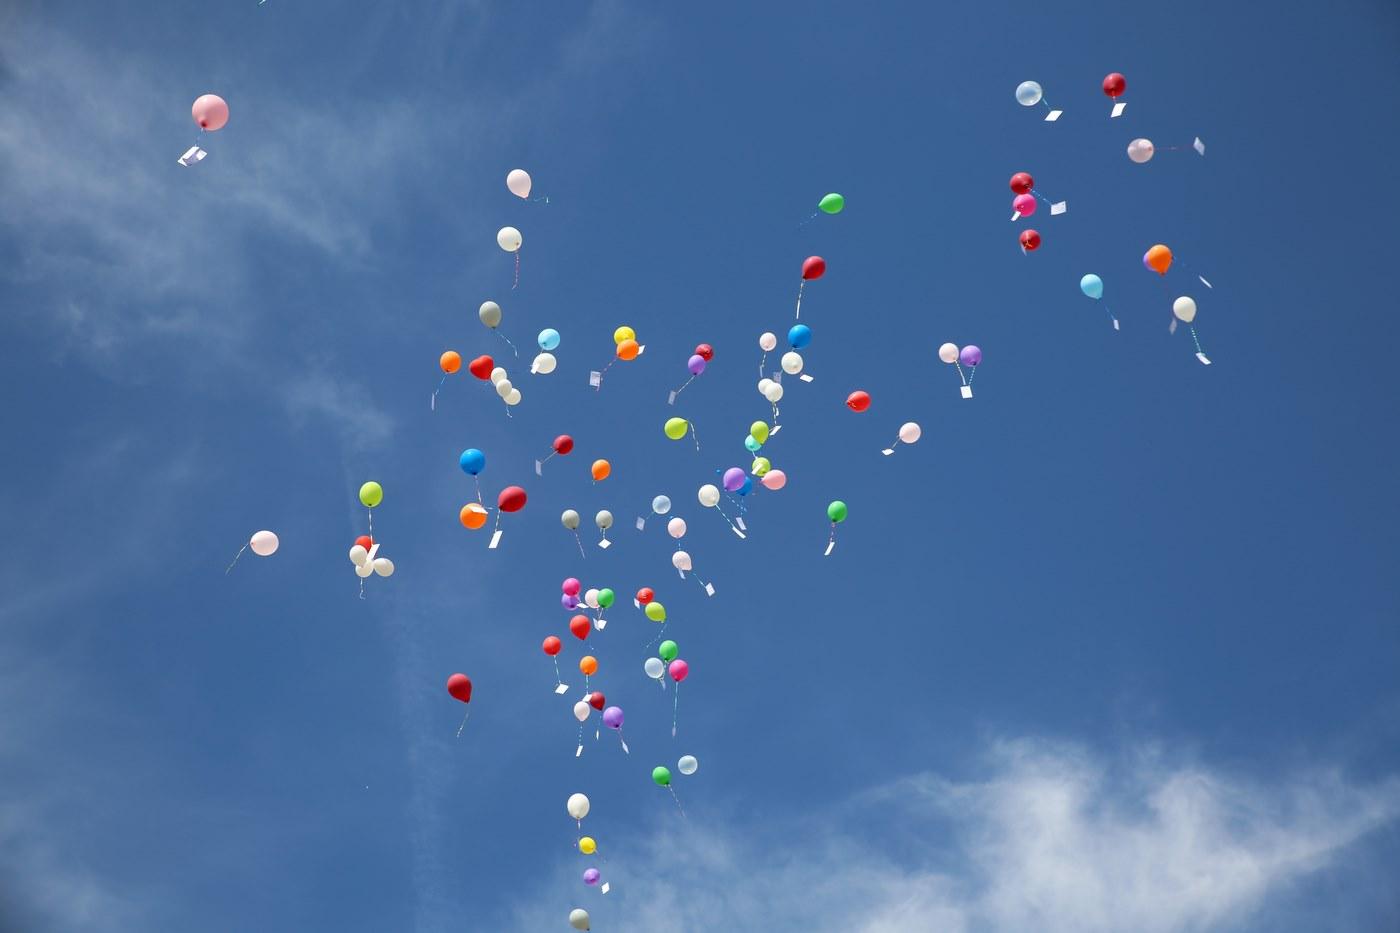 Buten Helium Ballons fliegen im blaunen Himmel